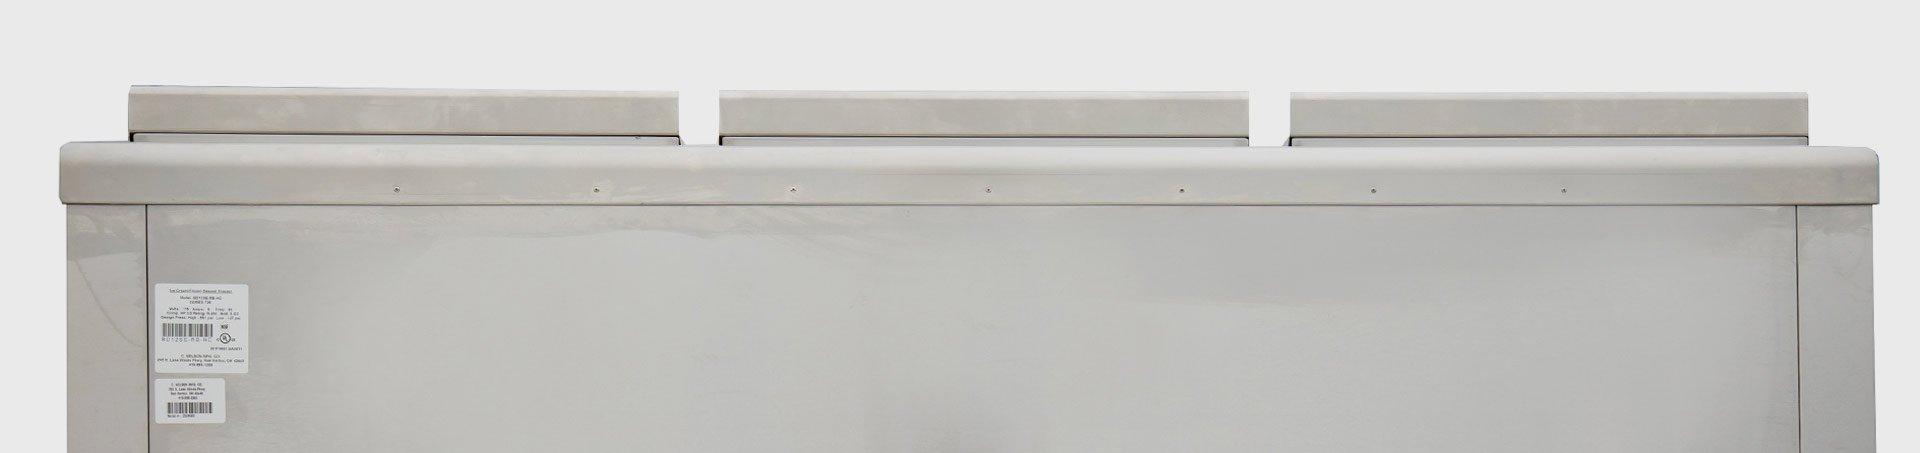 Chest Freezer Double Row